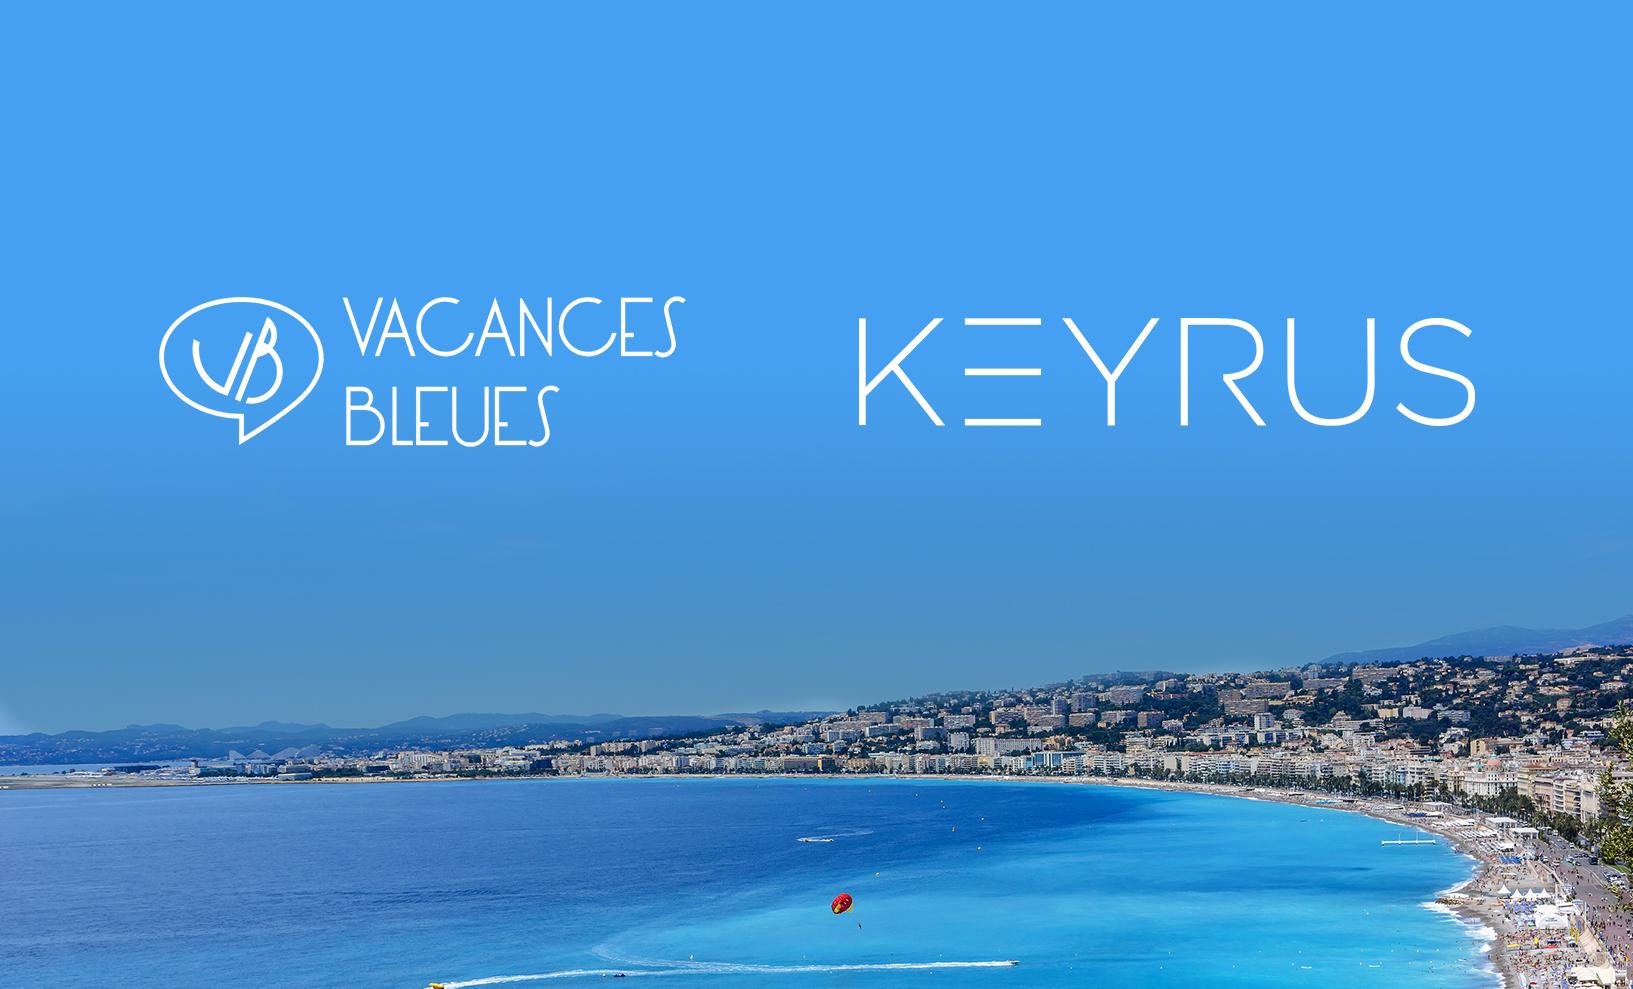 Keyrus vacances bleues fait appel l expertise digitale for Vacances bleues erdeven